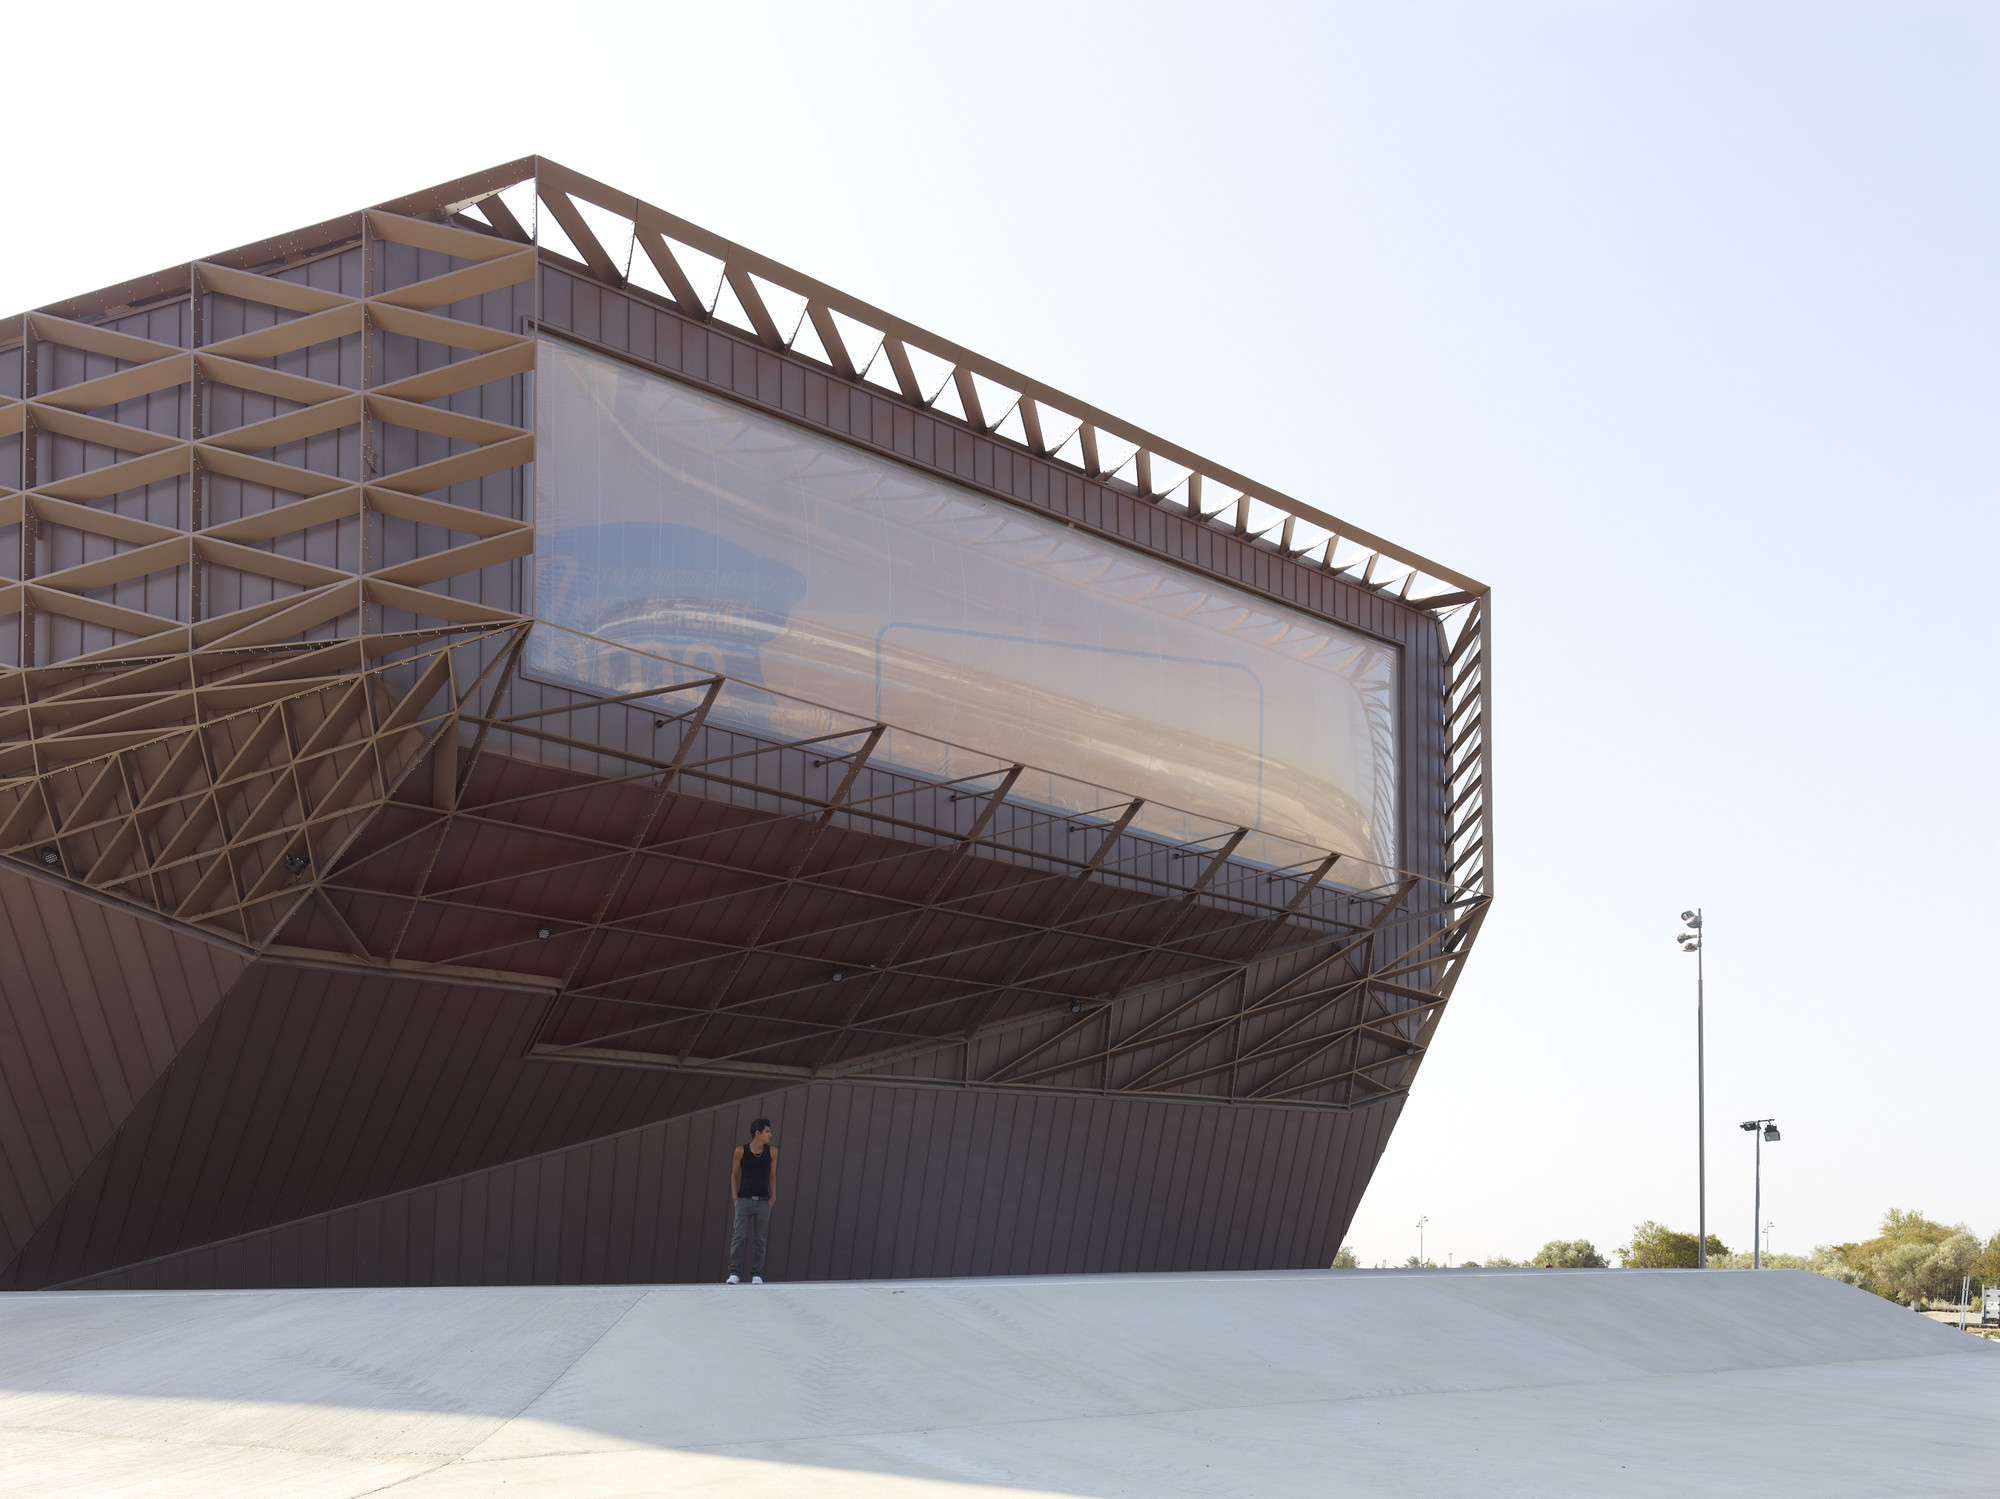 Paloma / Tetrarc Architects